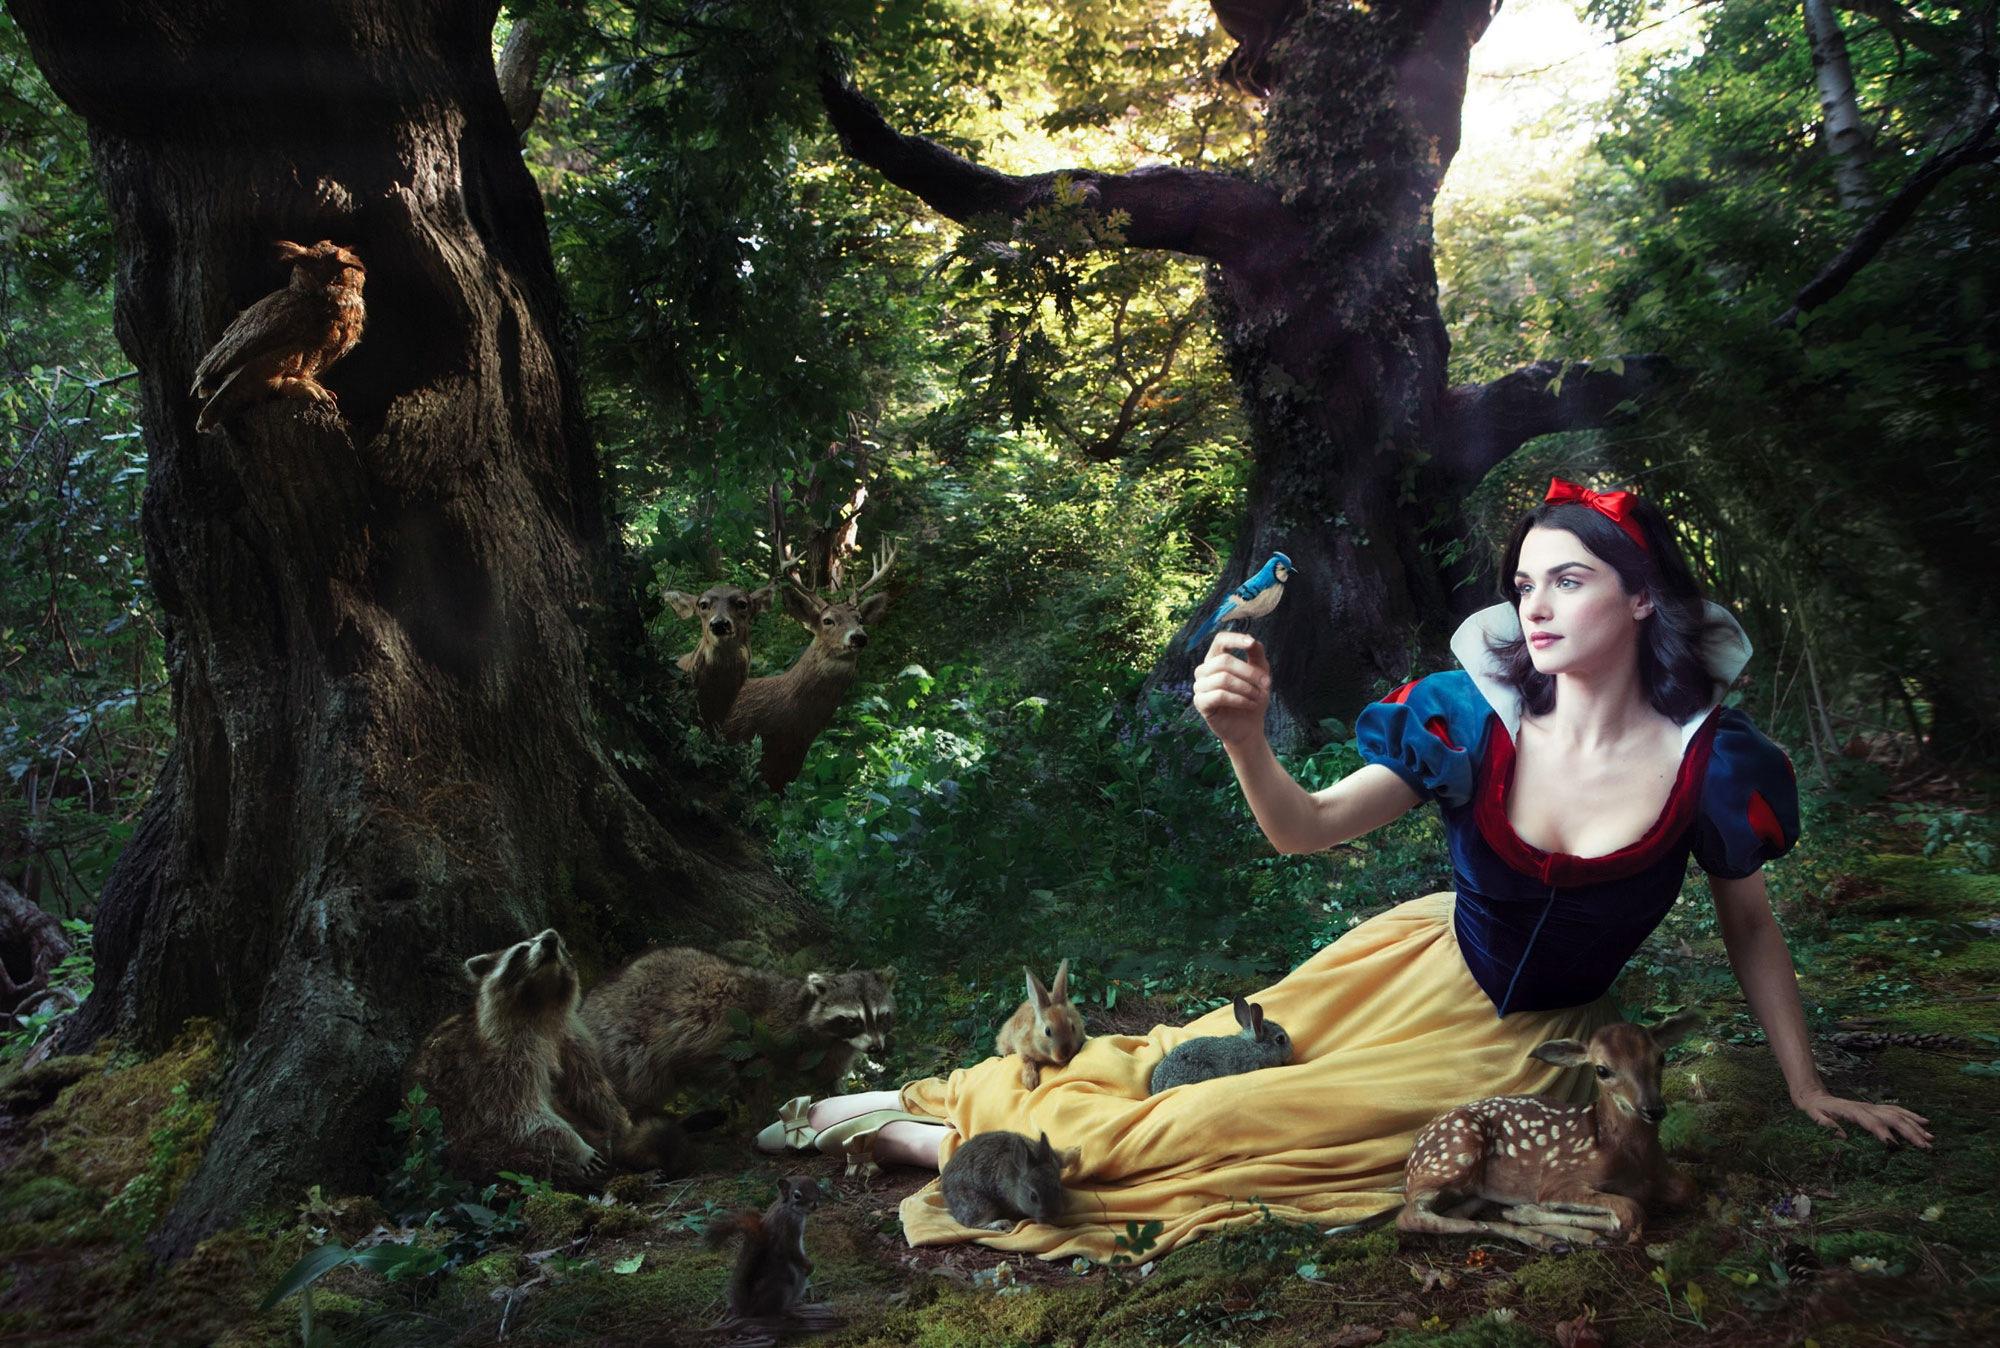 Annie Leibovitz Snow White